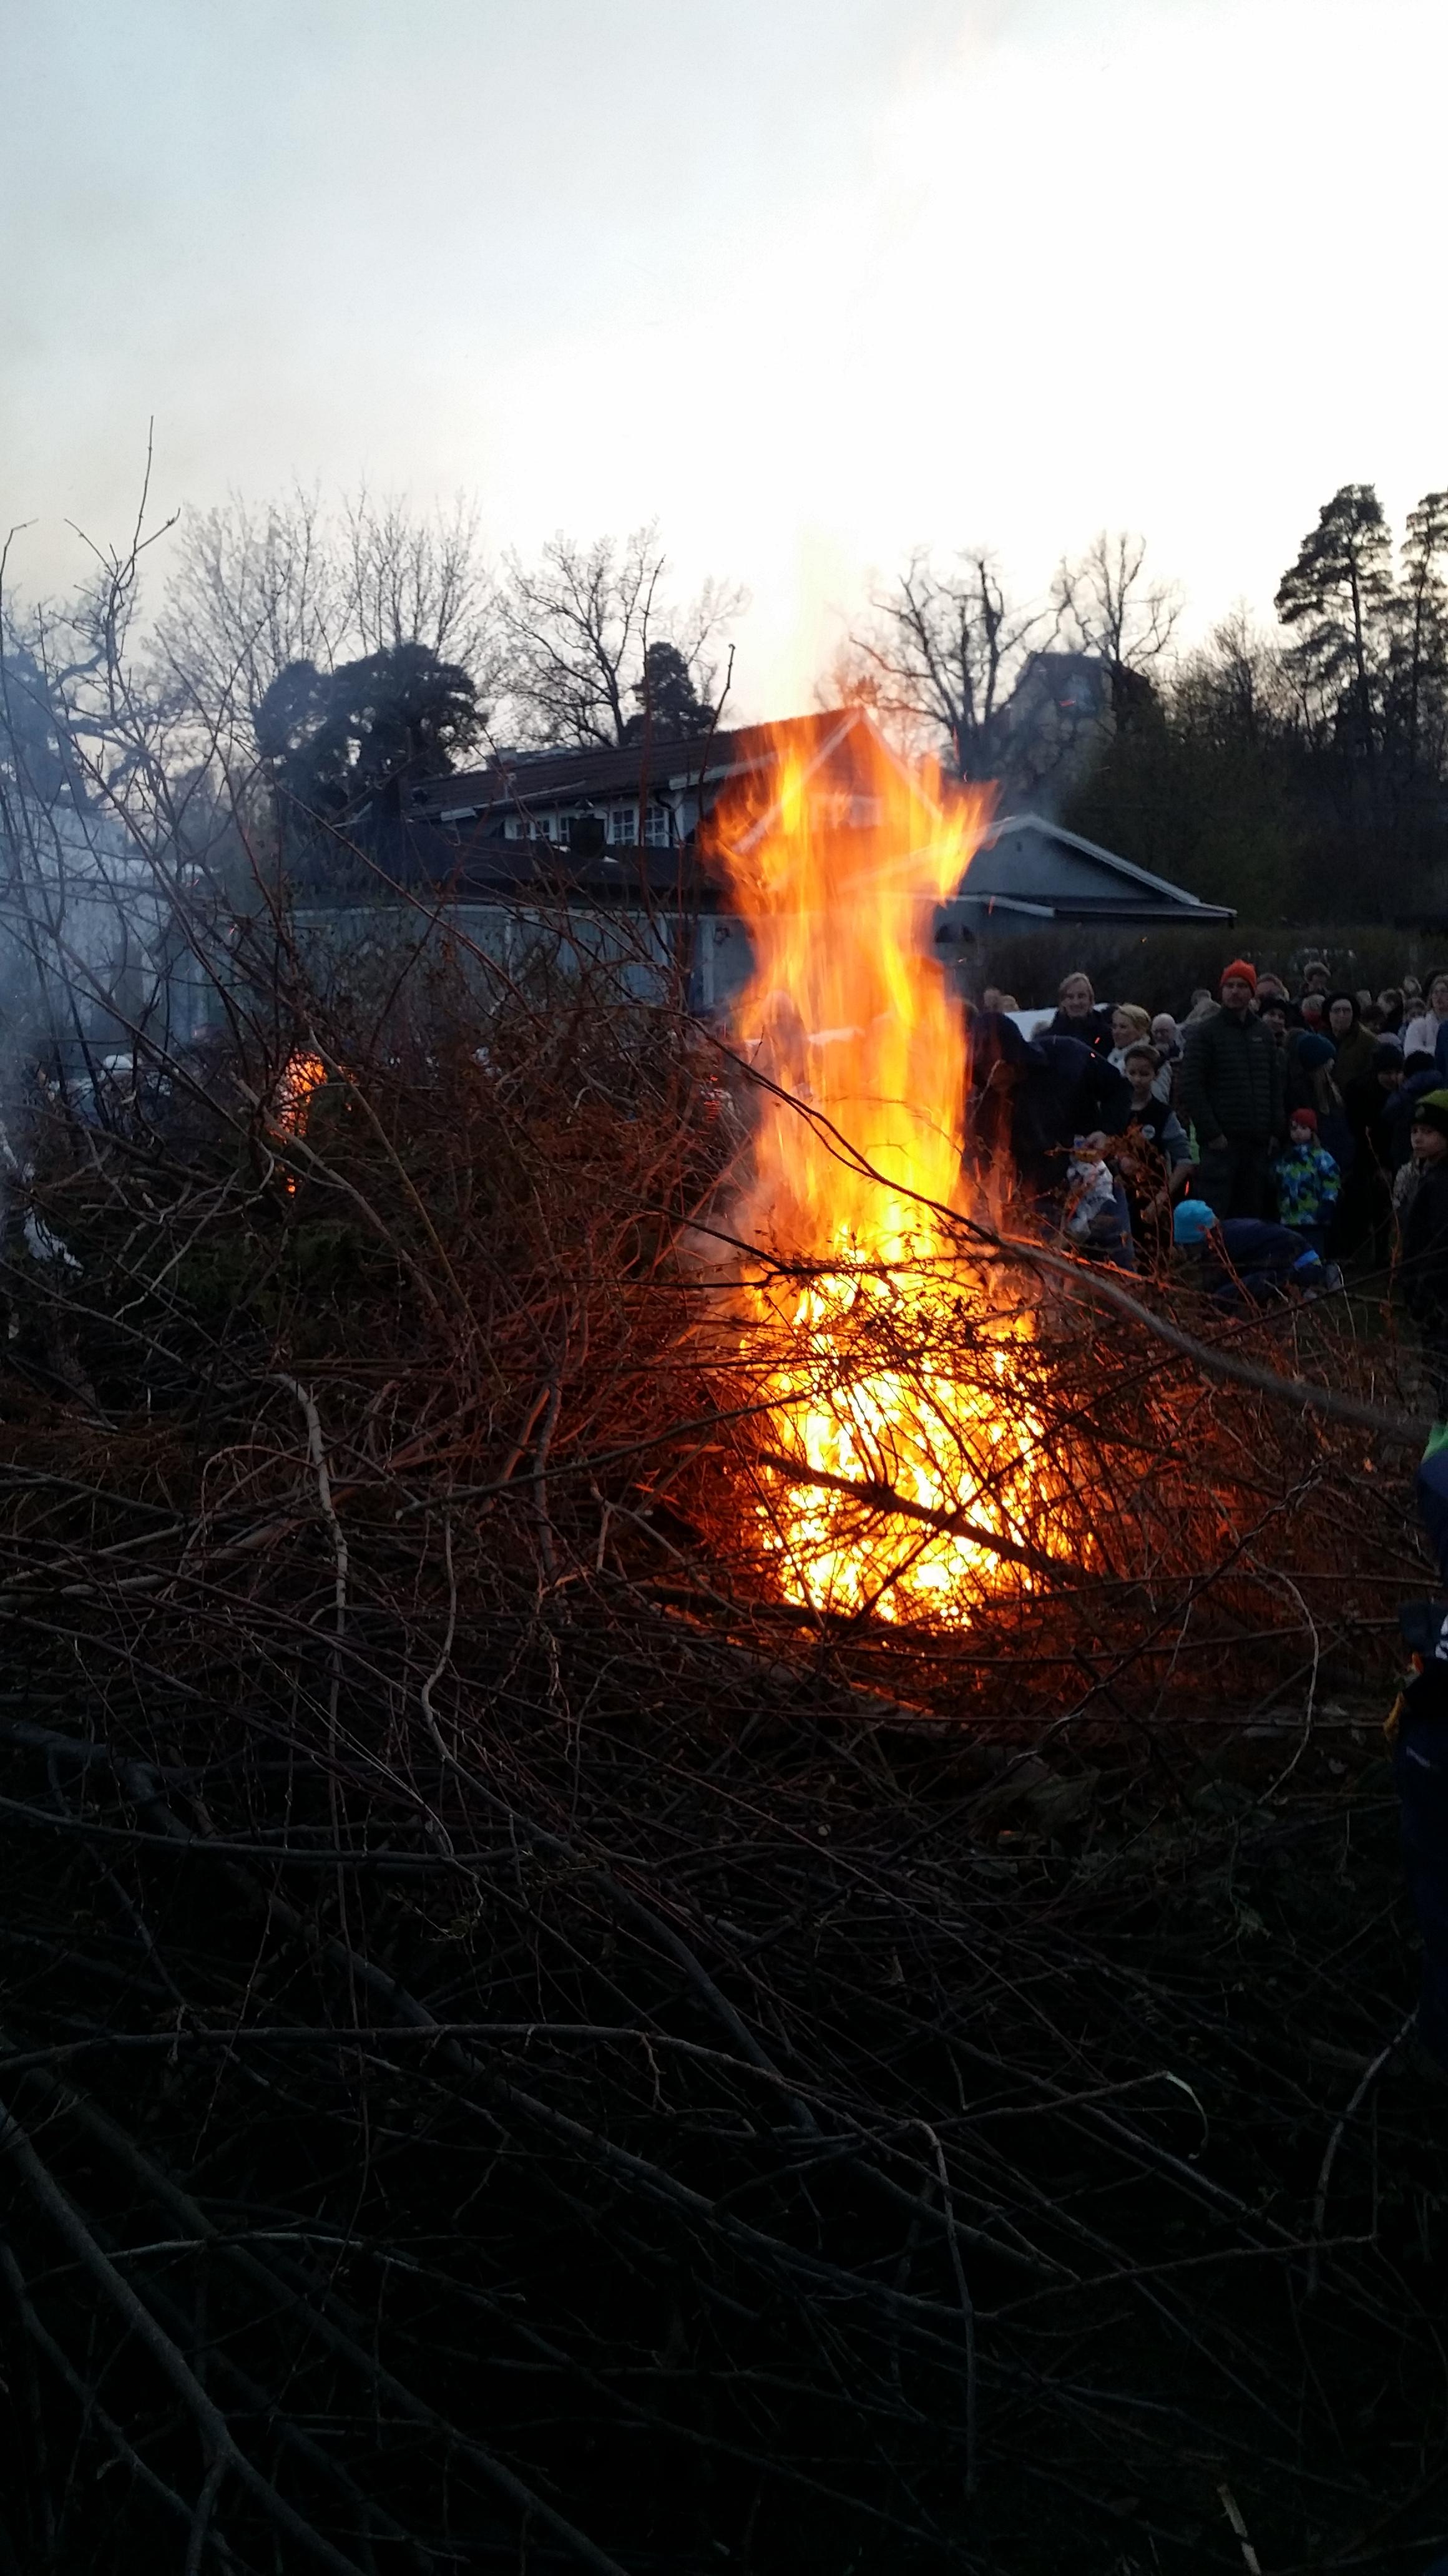 Att tända stora elda är ett exempel på en stämningsfylld tradition som vandrat mellan olika högtider och har haft olika betydelse i olika tider och på olika platser.